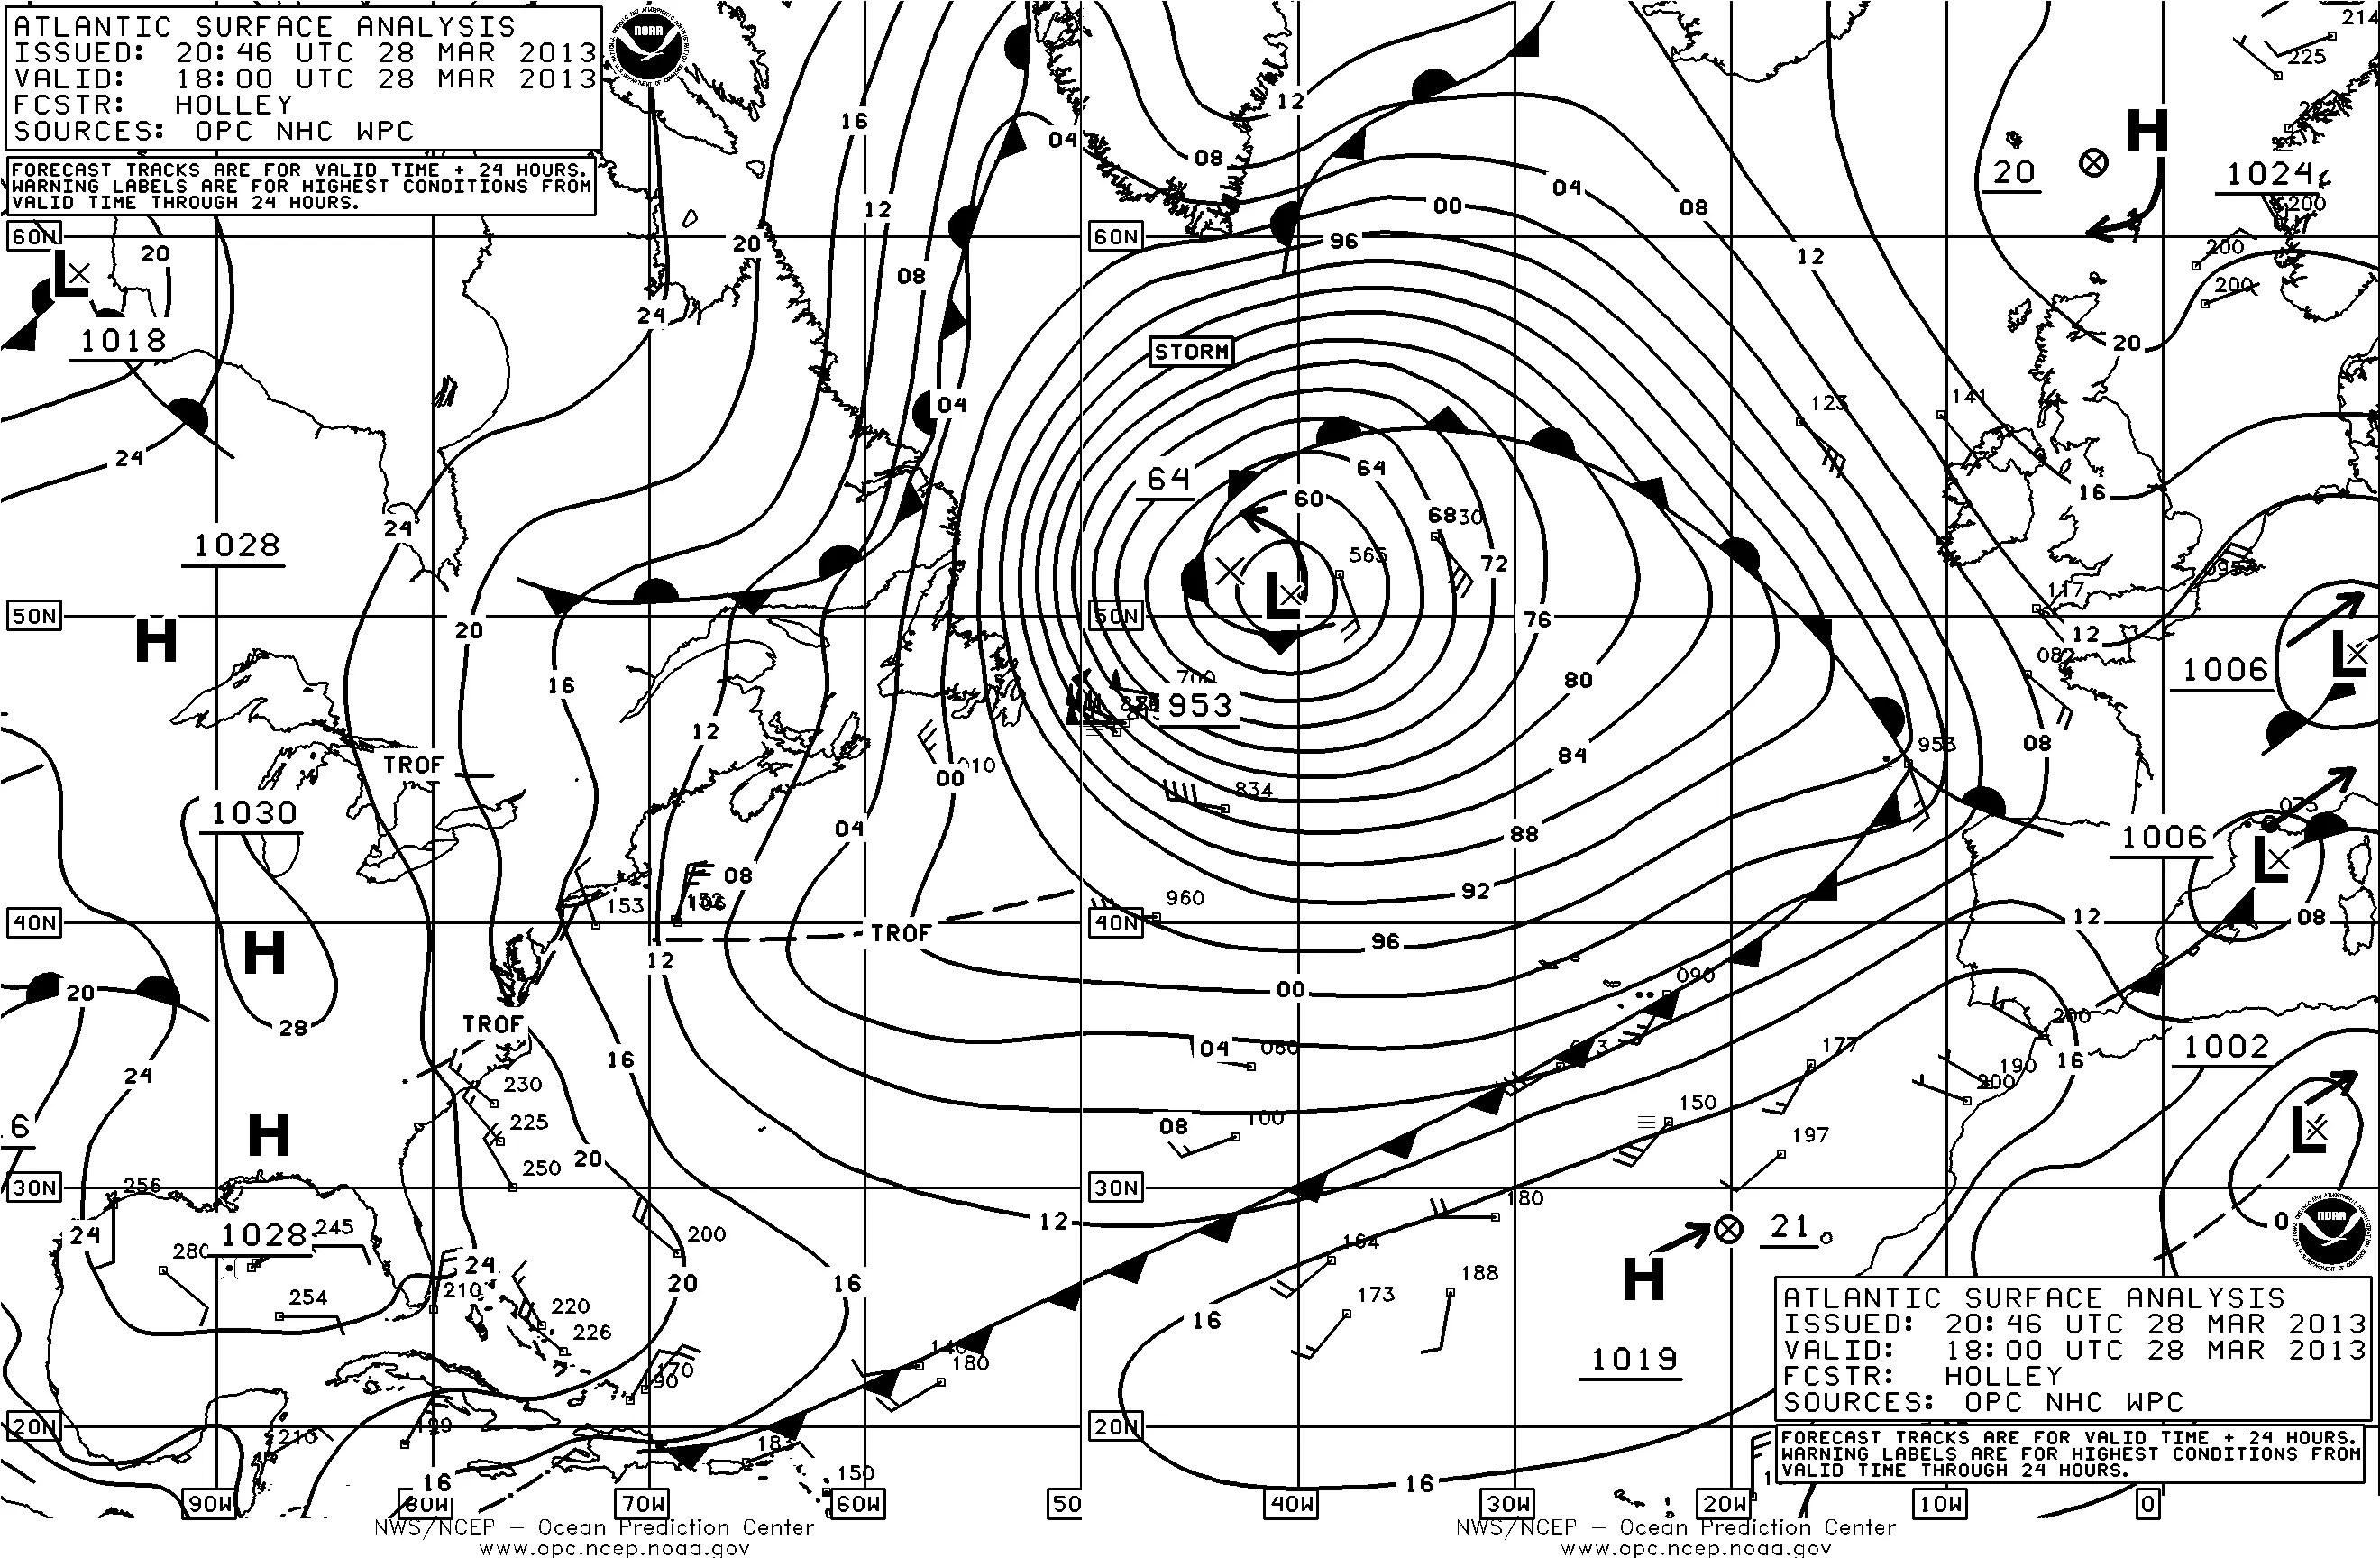 (Ocean Prediction Center)